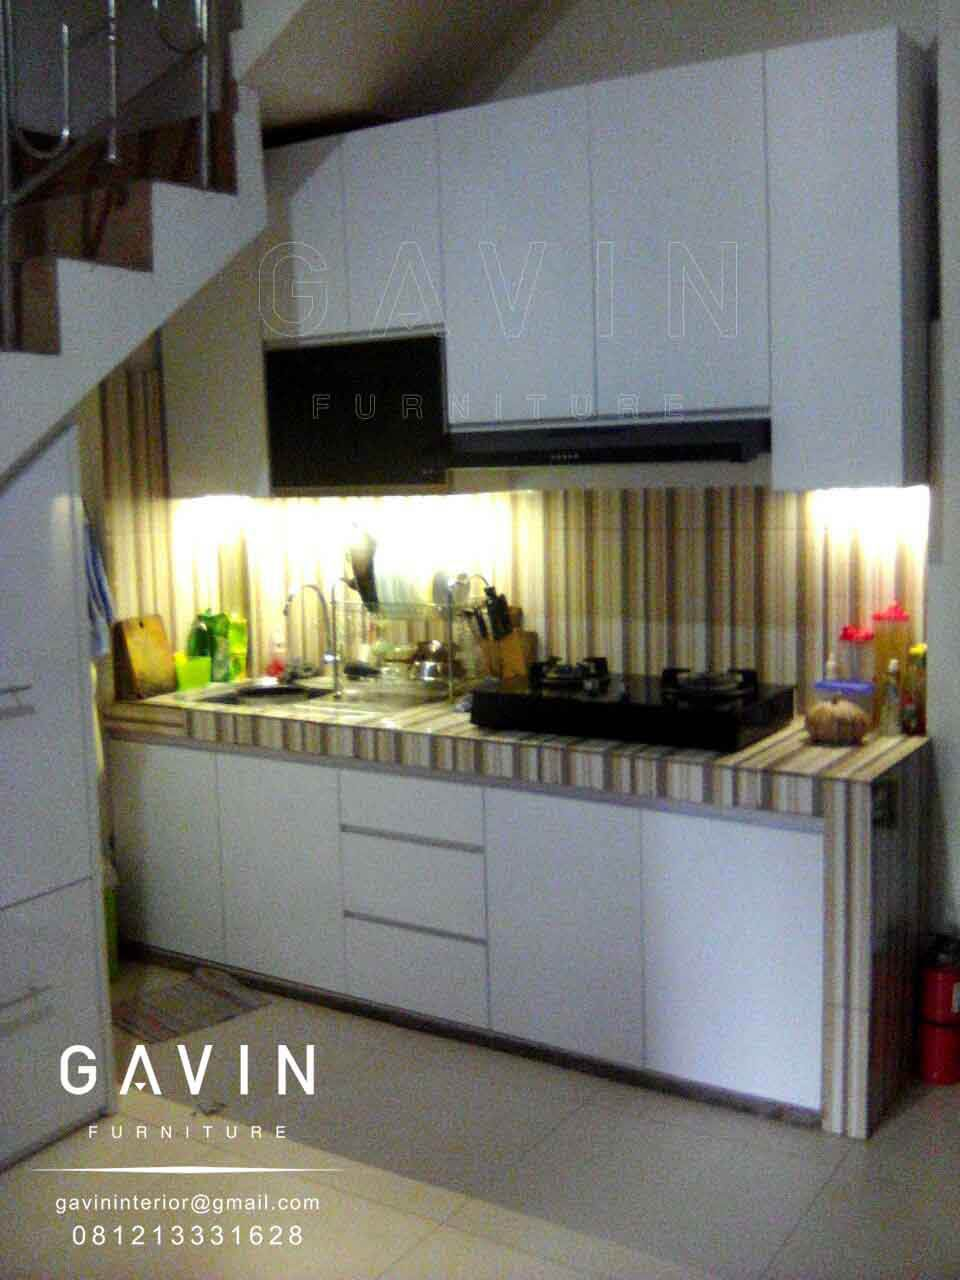 Pembuatan Lemari Dapur Dan Kitchen Set Custom Gavin Furniture Bawah Tangga Solusi Anda